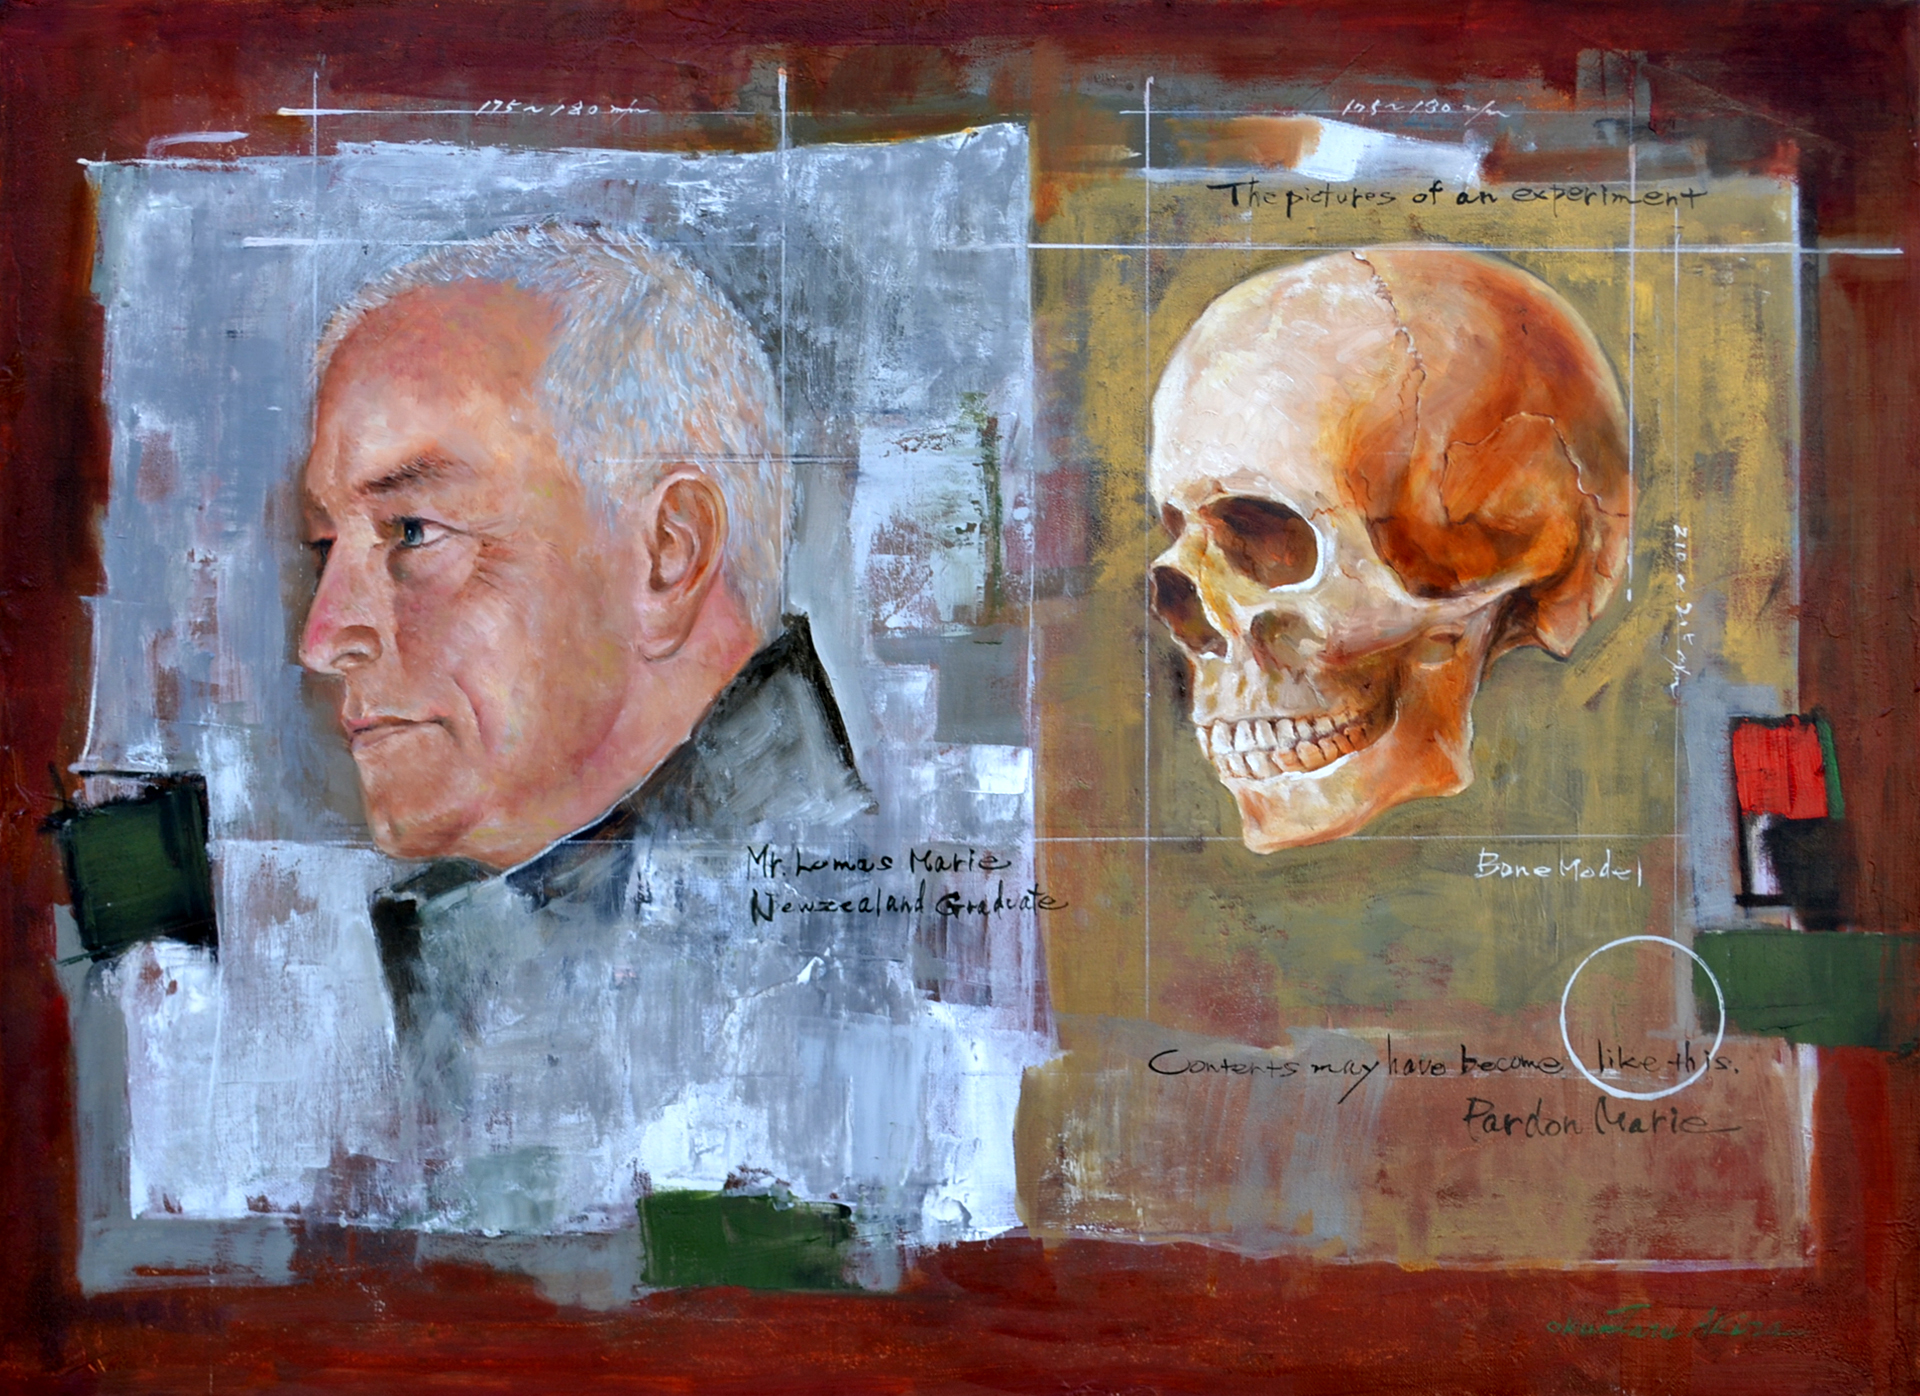 「肖像考察 Mr. Murray」